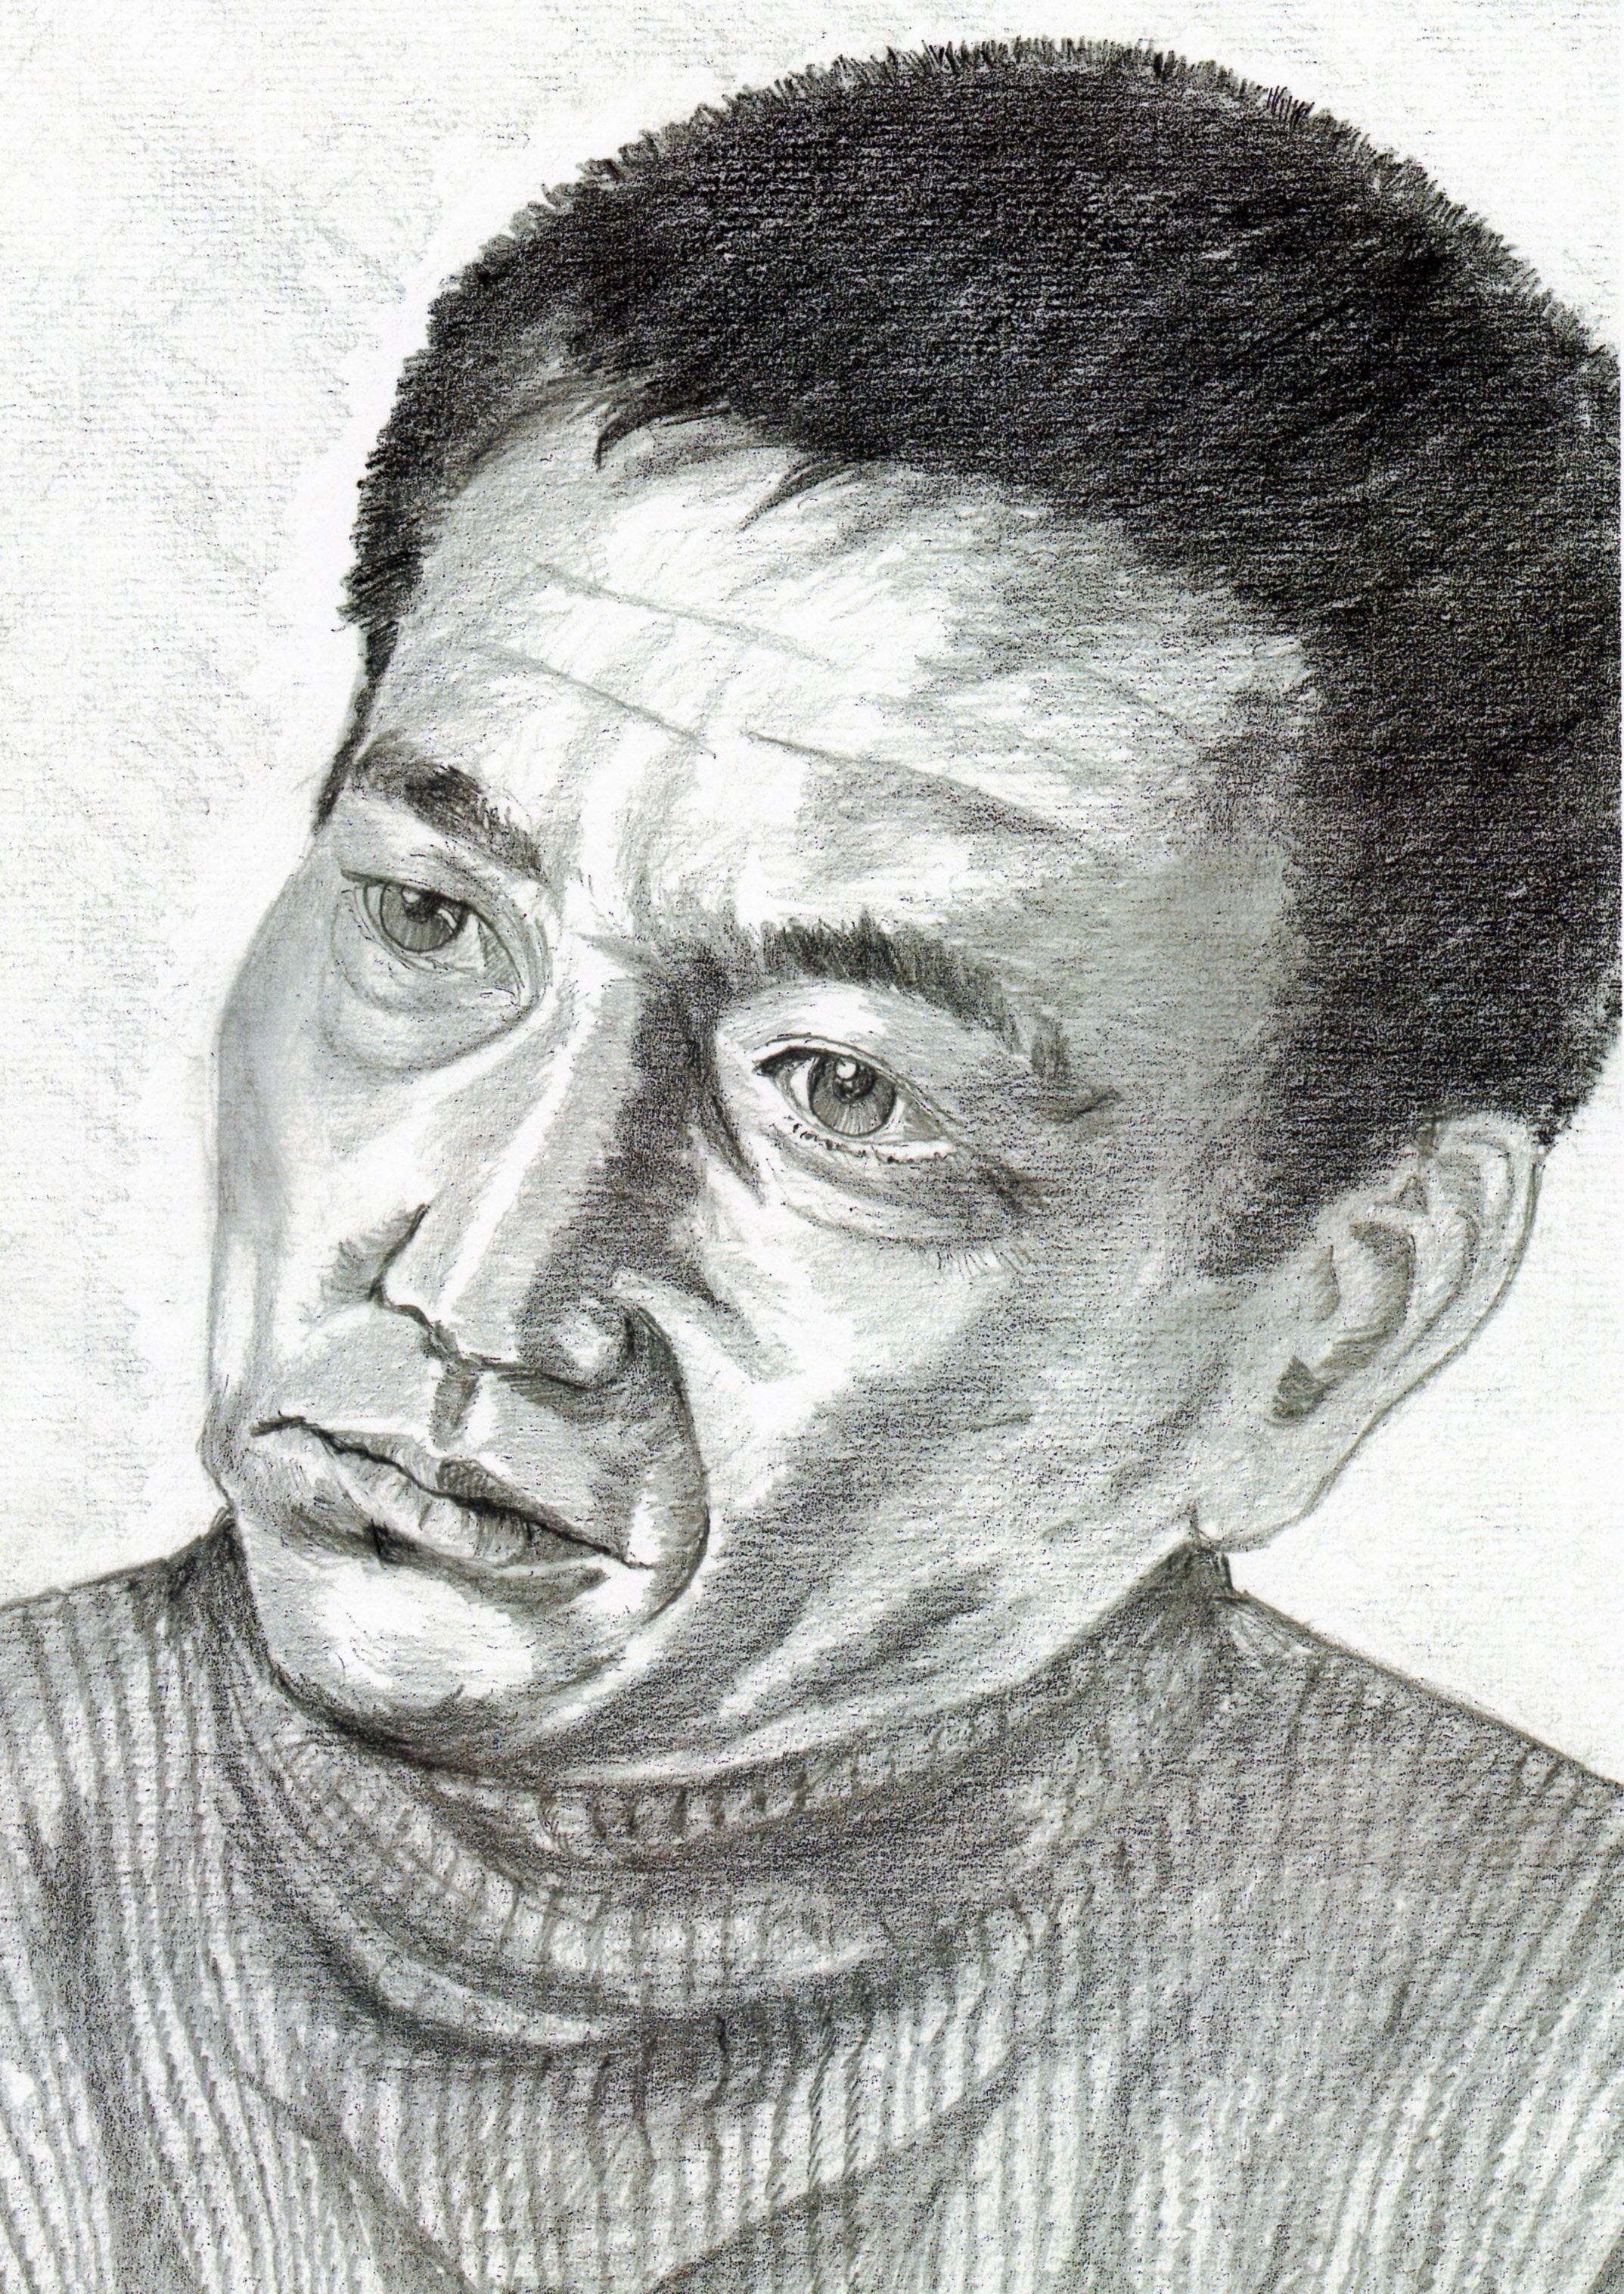 高倉健さんの鉛筆画、高倉健さんのリアル似顔絵